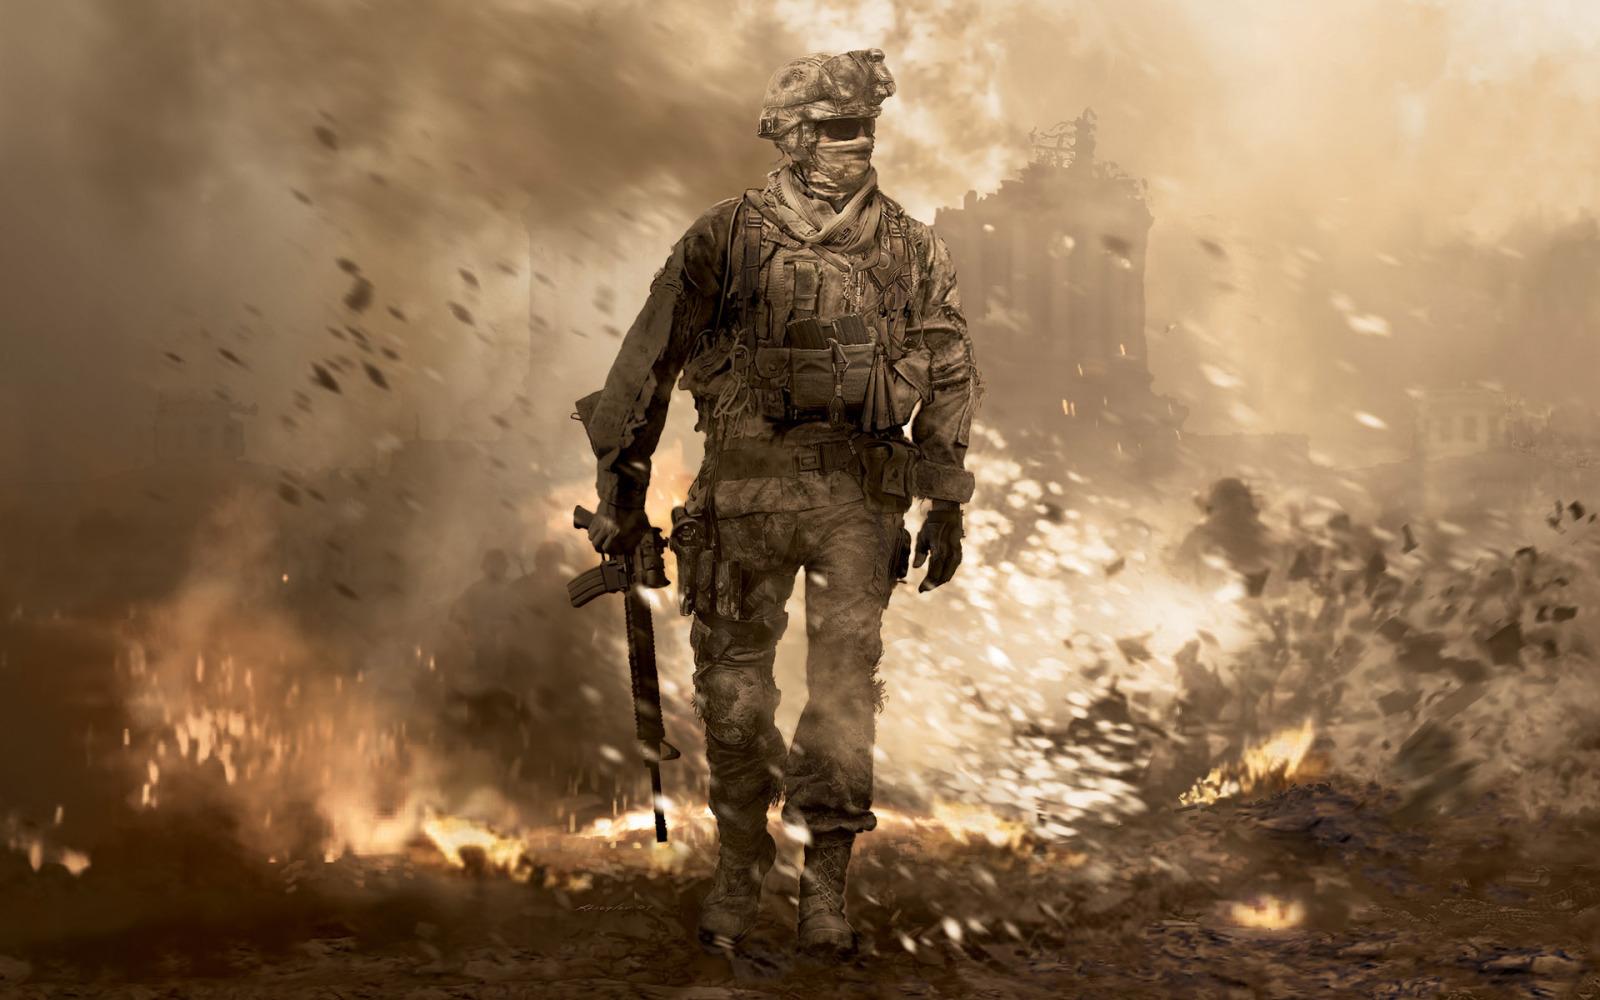 《使命召唤6现代战争2》高清壁纸